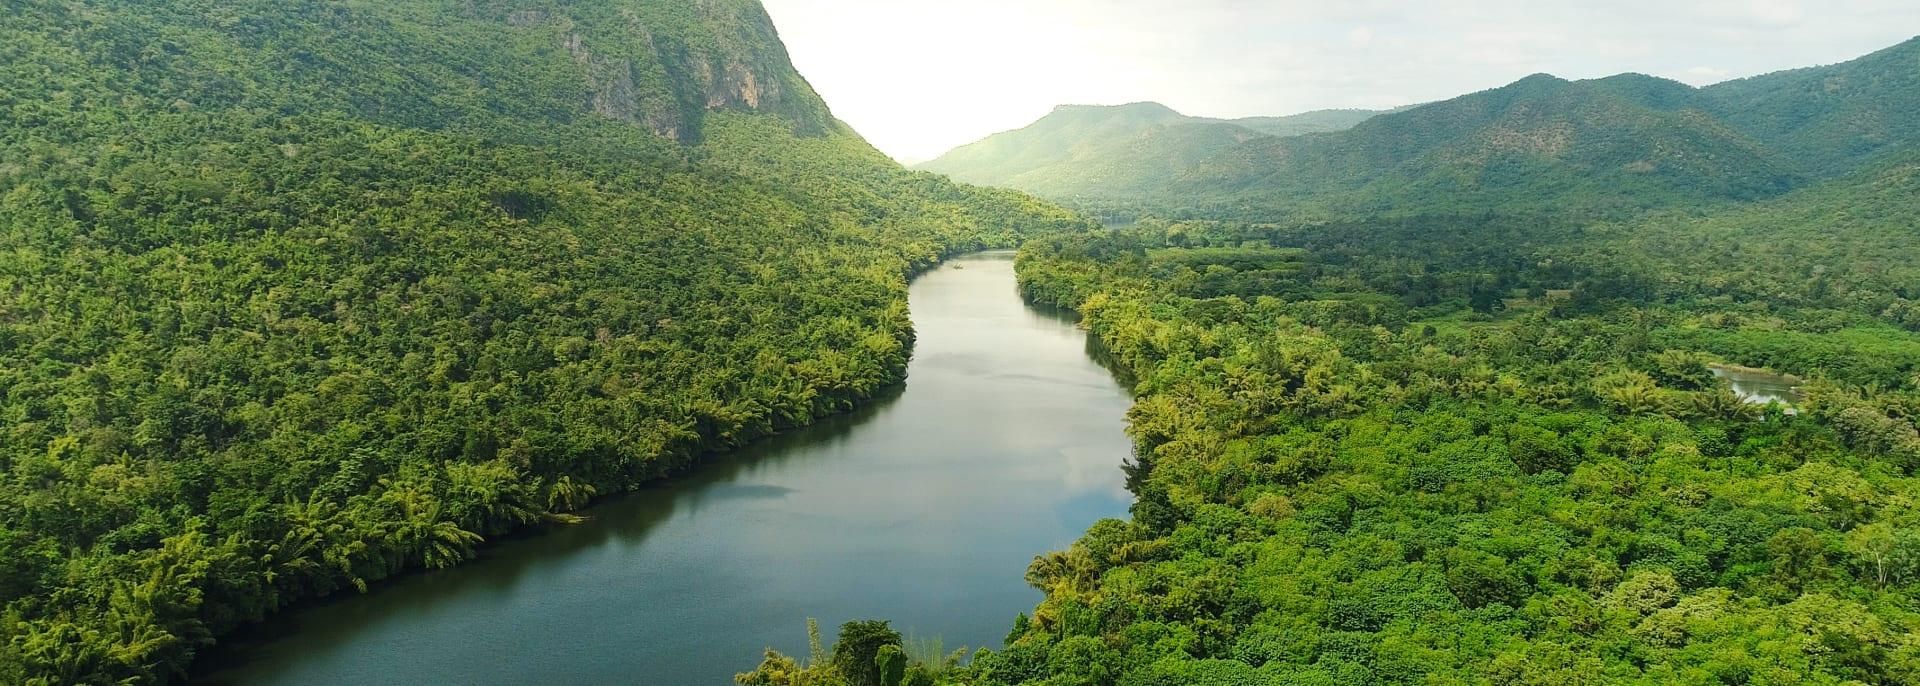 Flusslandschaften, Paraguay